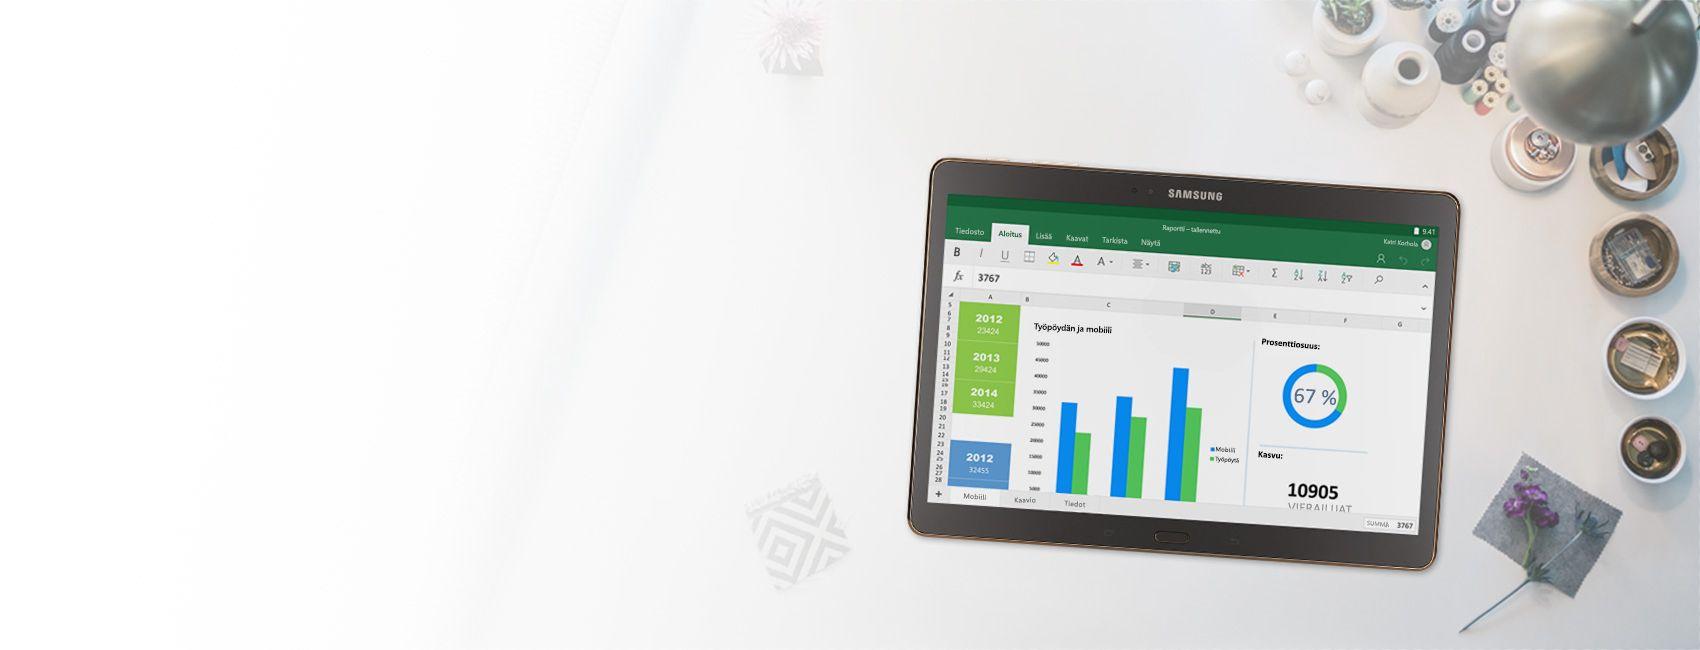 Tablettitietokone, jossa näkyy Excel-raportin kaavioita